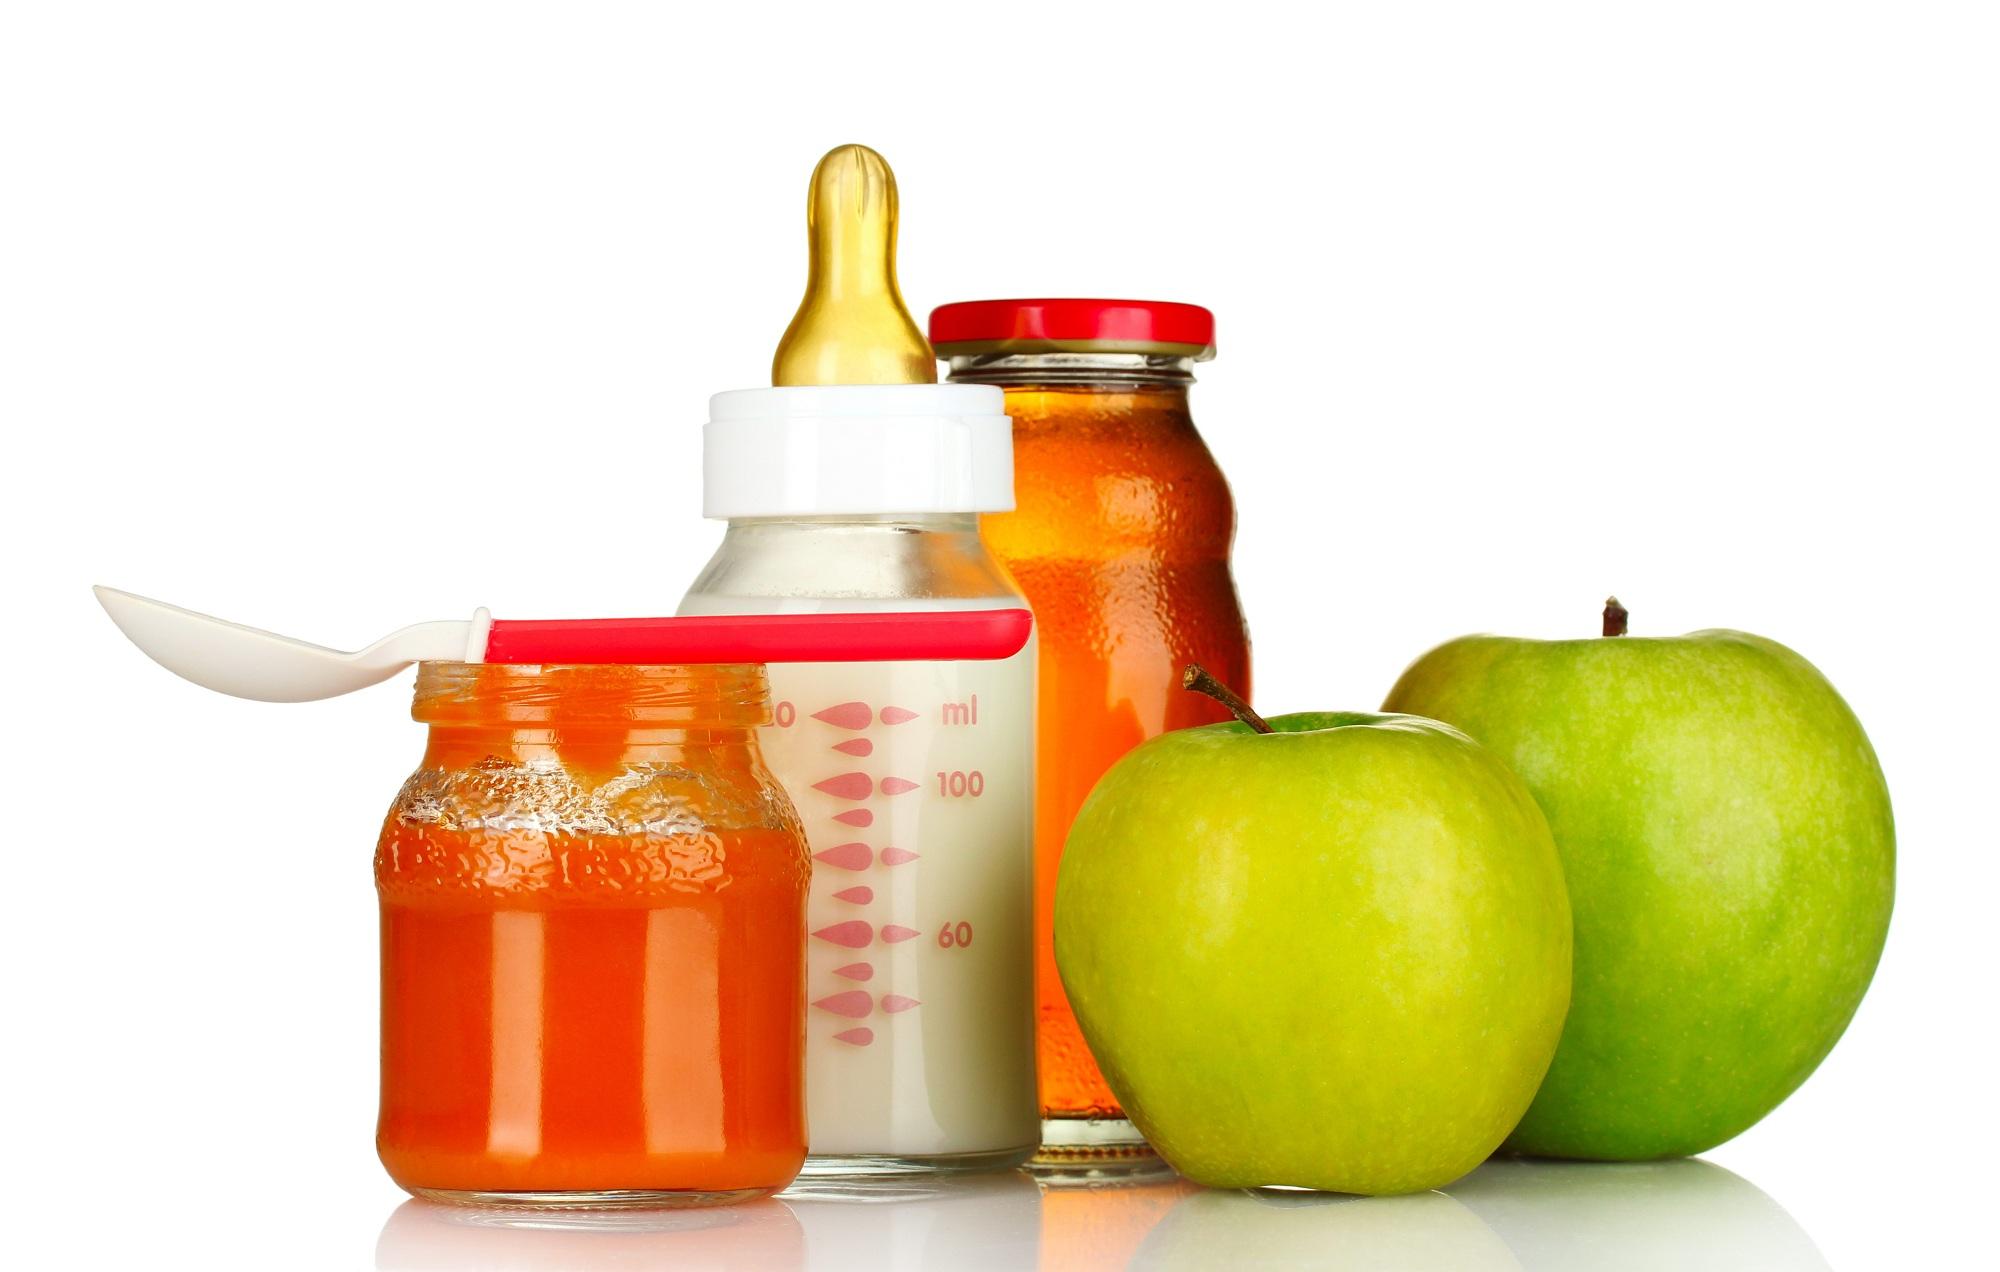 Правильное питание для вашего малыша — детская смесь беллакт, как залог формирования здоровья и крепкого иммунитета.